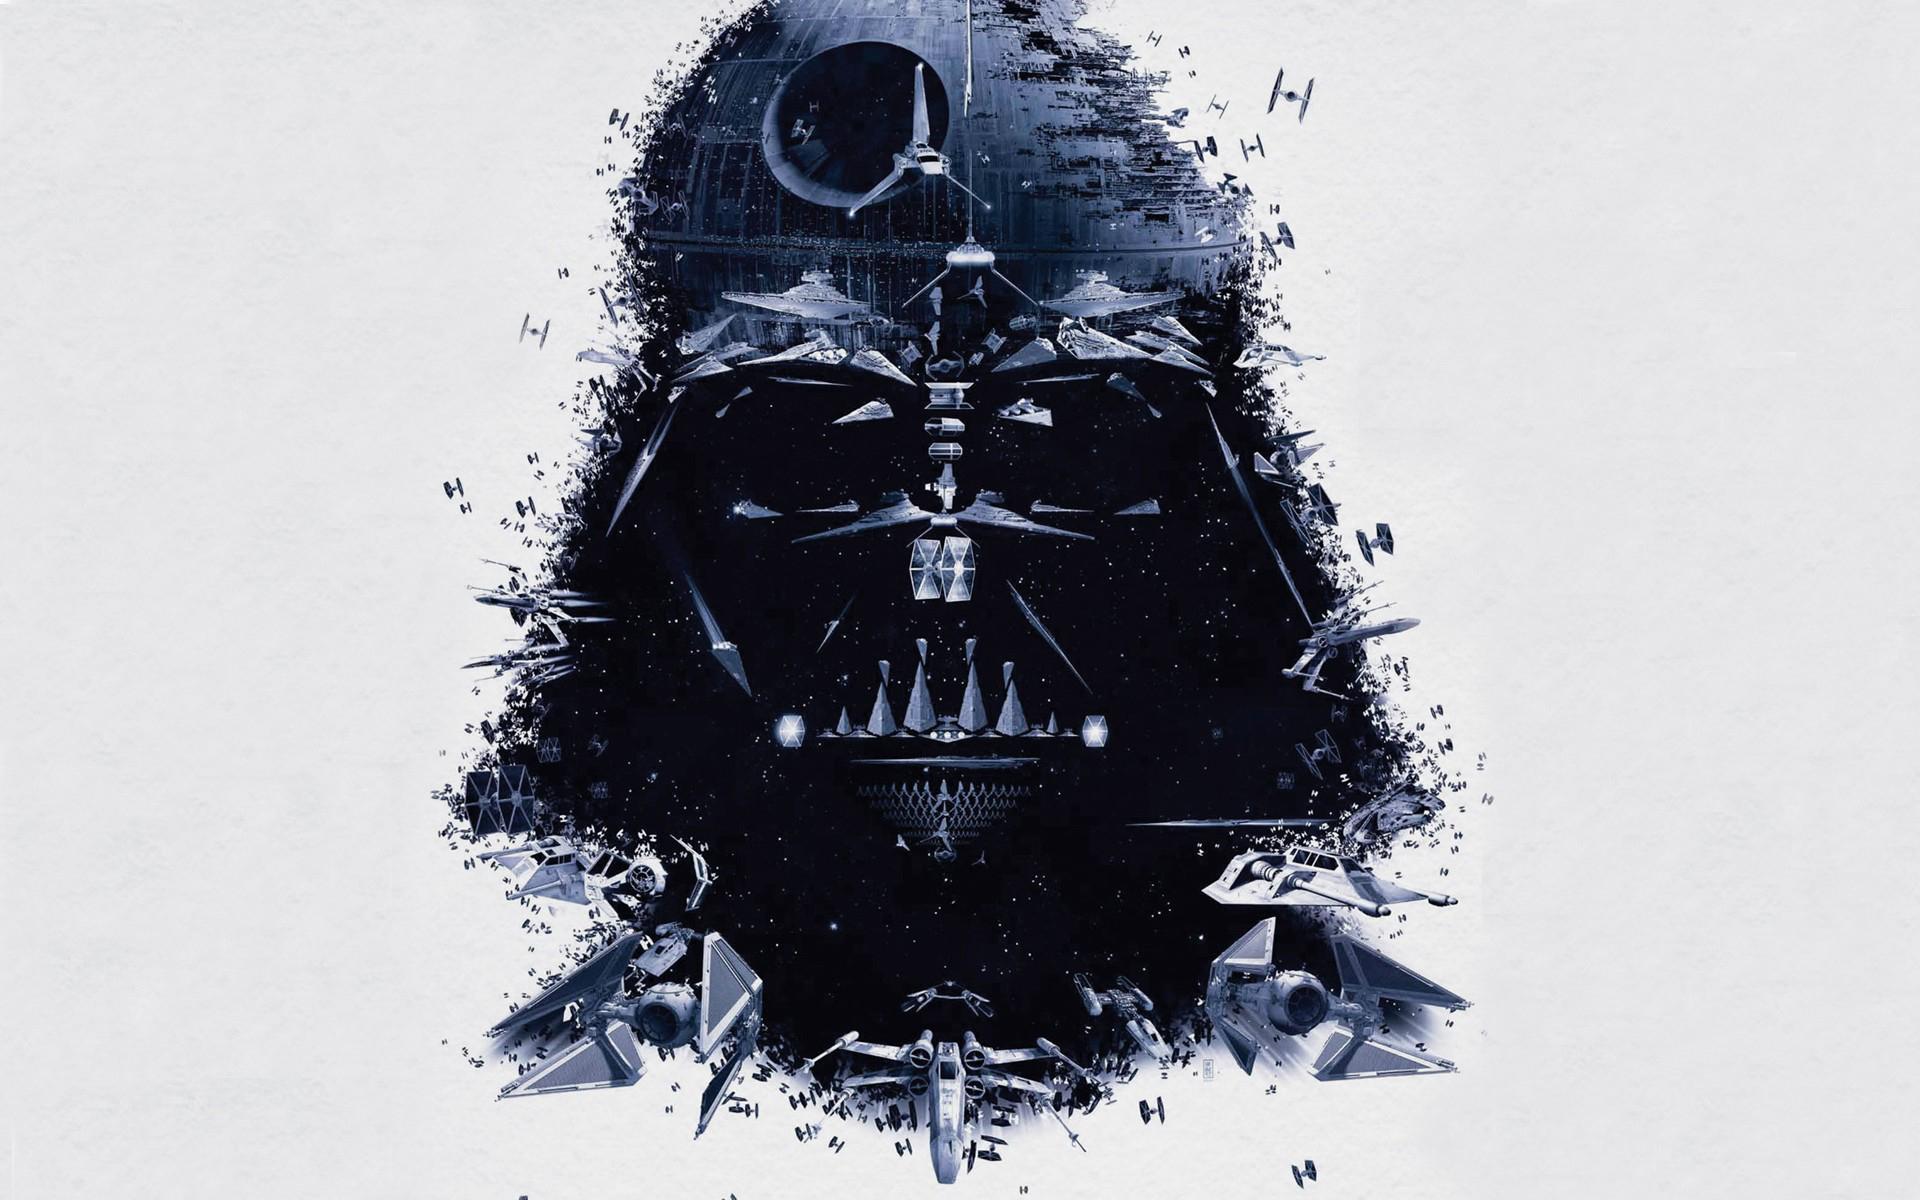 Darth Vader Wallpaper wallpaper Darth Vader Wallpaper hd wallpaper 1920x1200